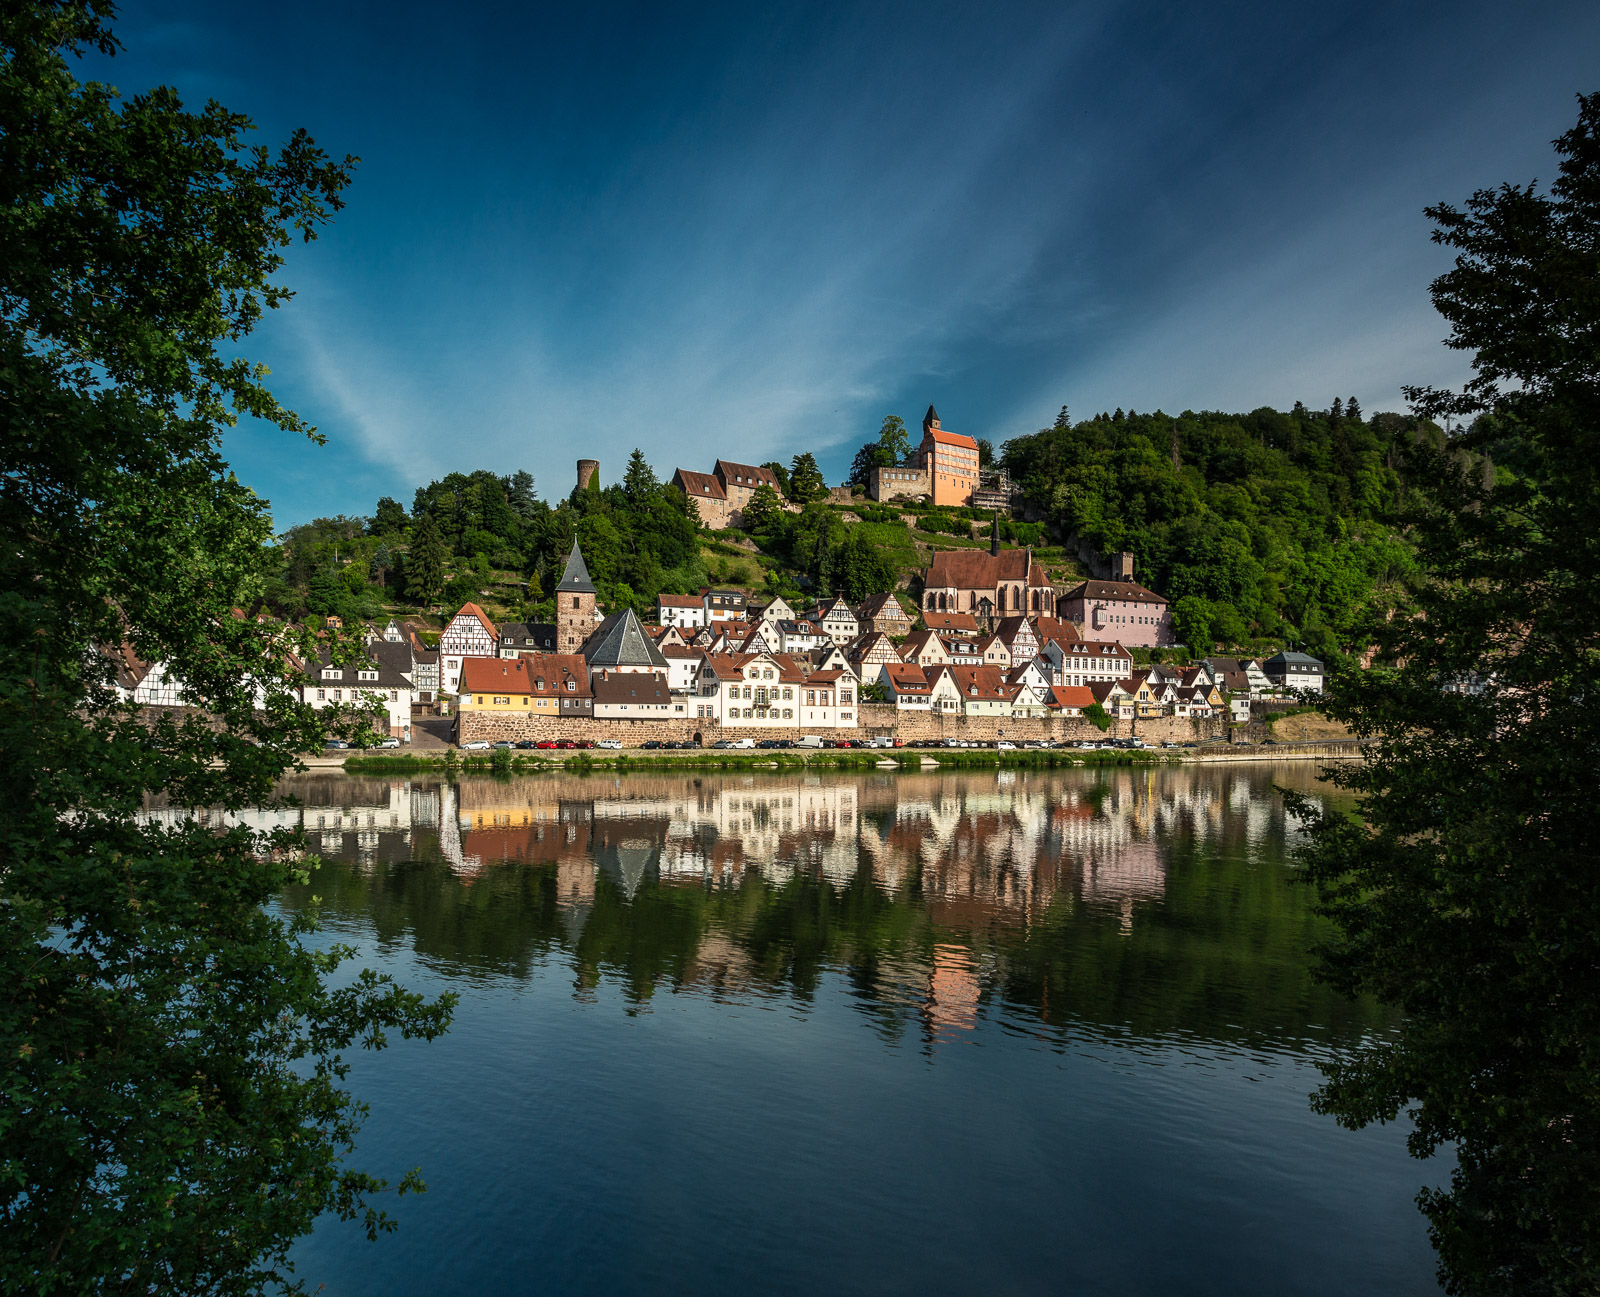 Die Altstadt von Hirschhorn mit dem Neckar im Vordergrund am Morgen